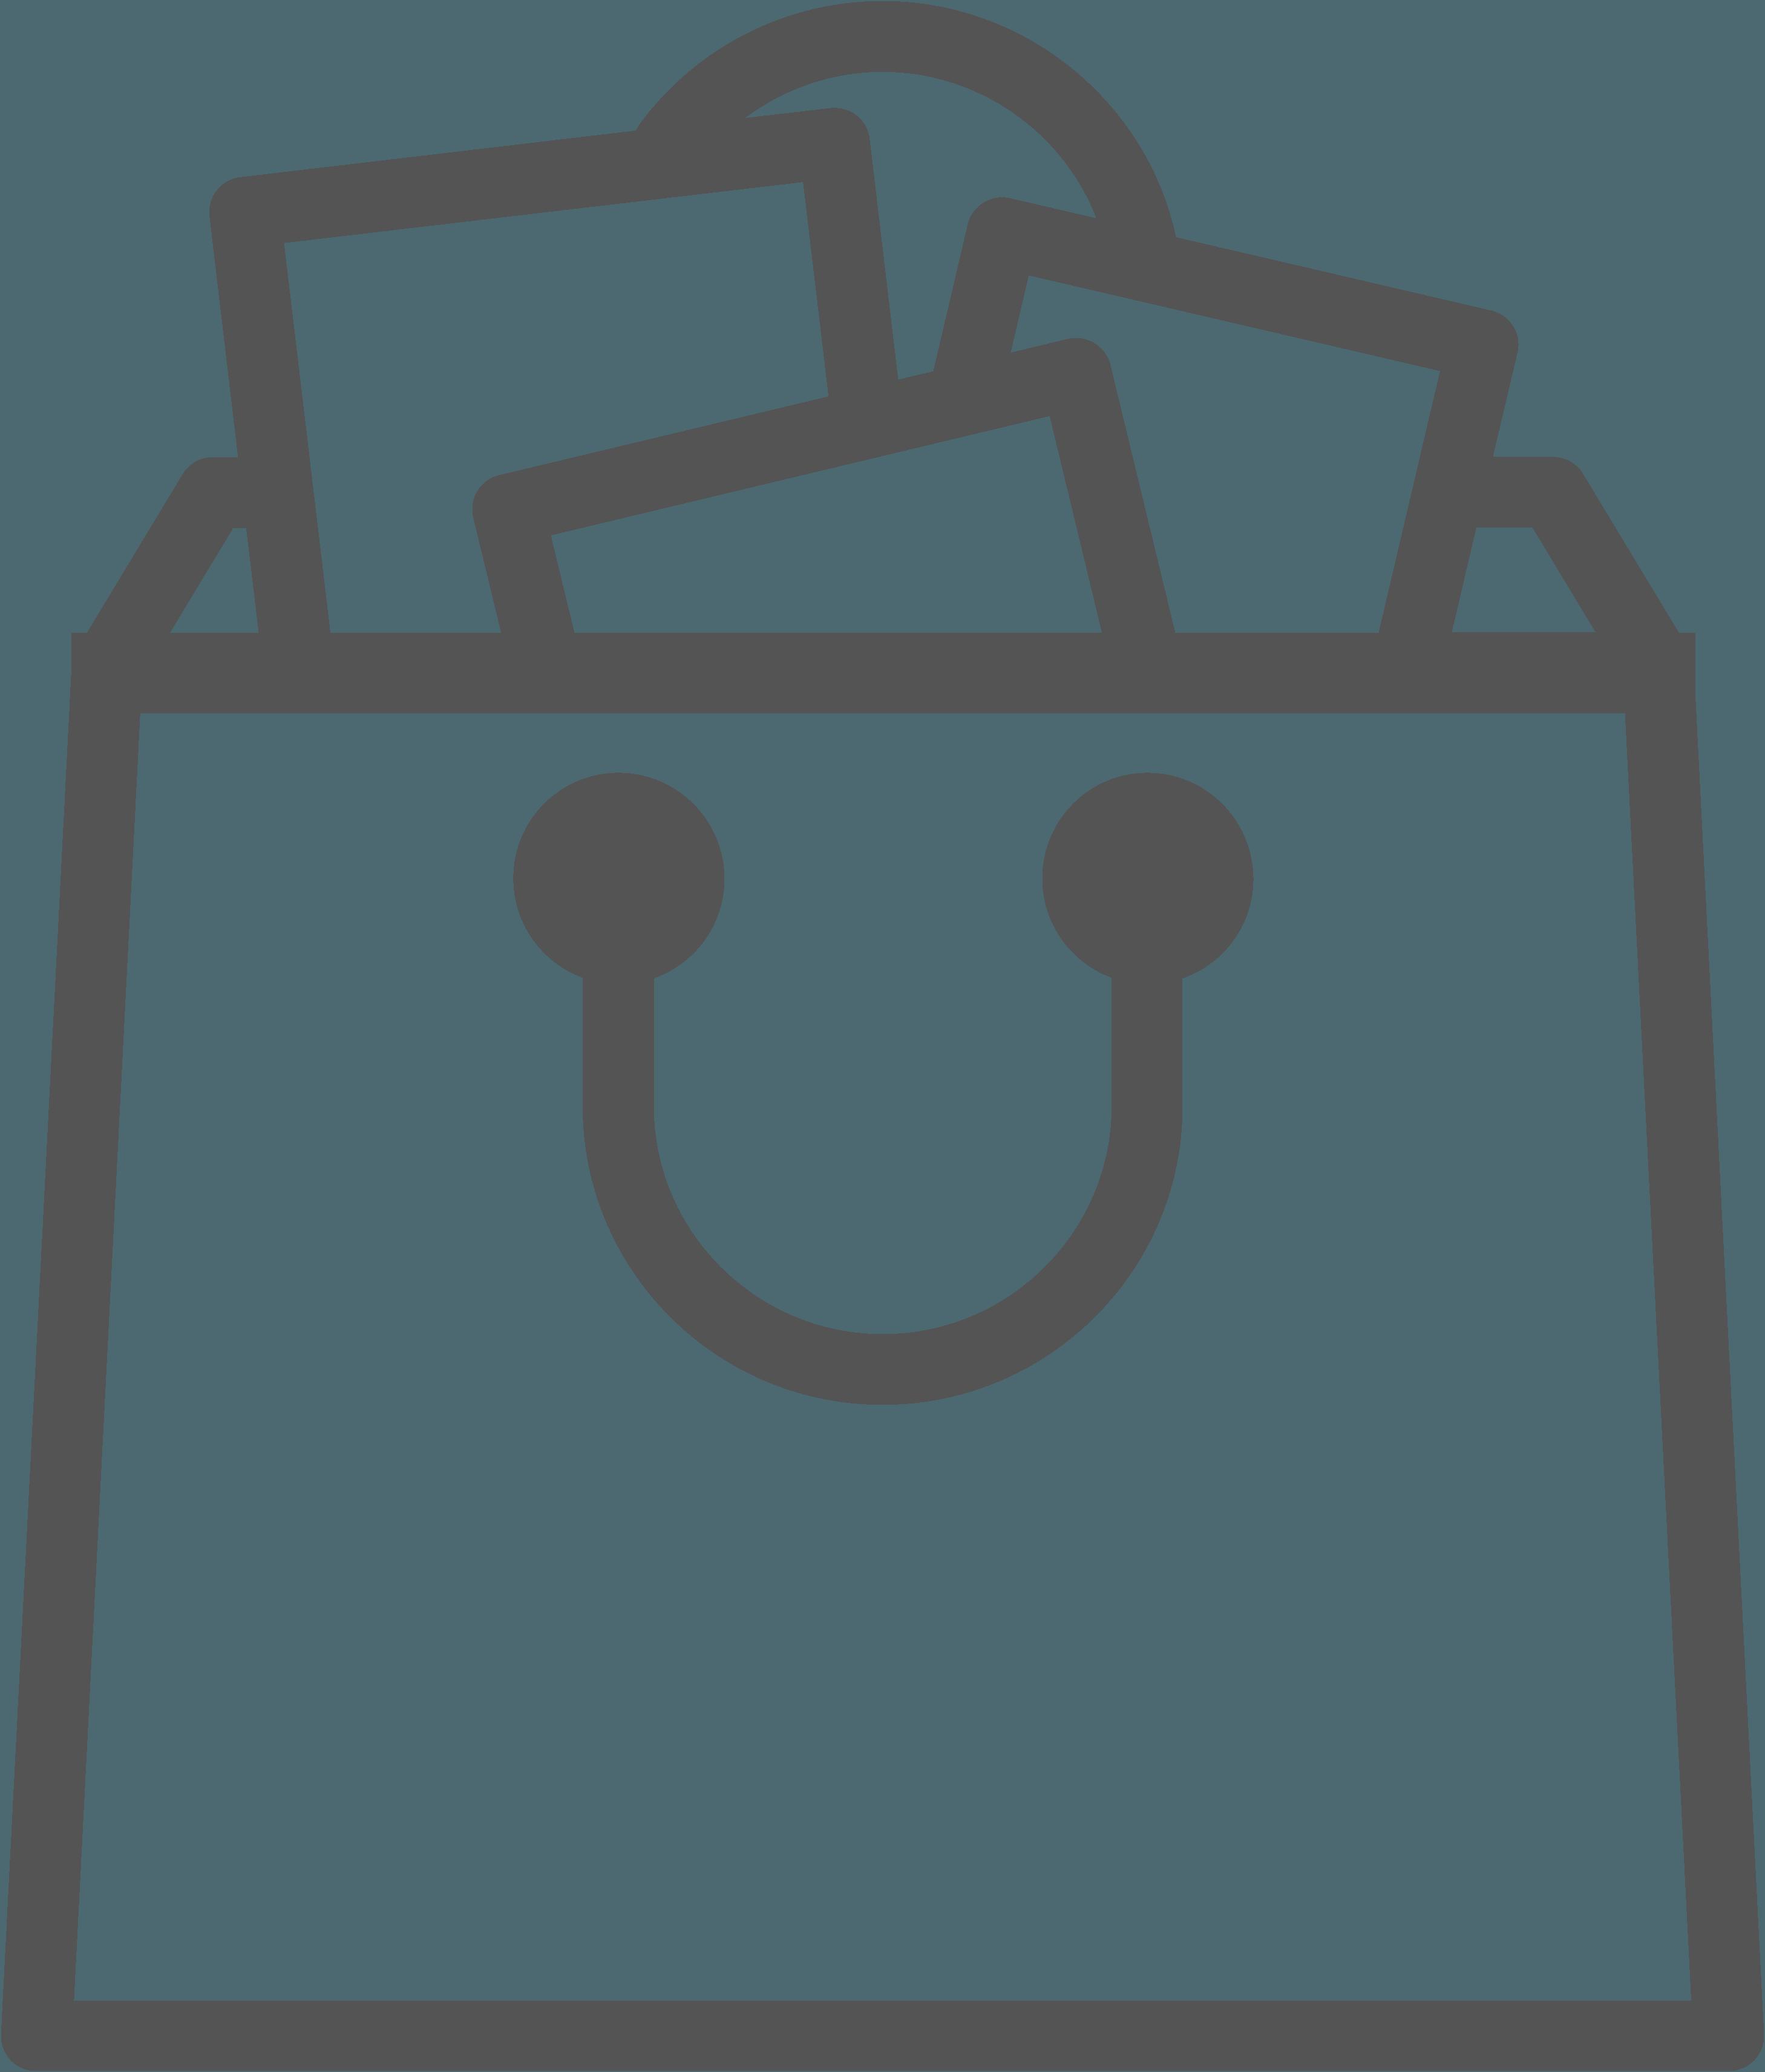 Spa Suite-Home de Briançon Serre-Chevalier - Chambre Spa Suite-Home de Briançon Serre-Chevalier - centre commercial